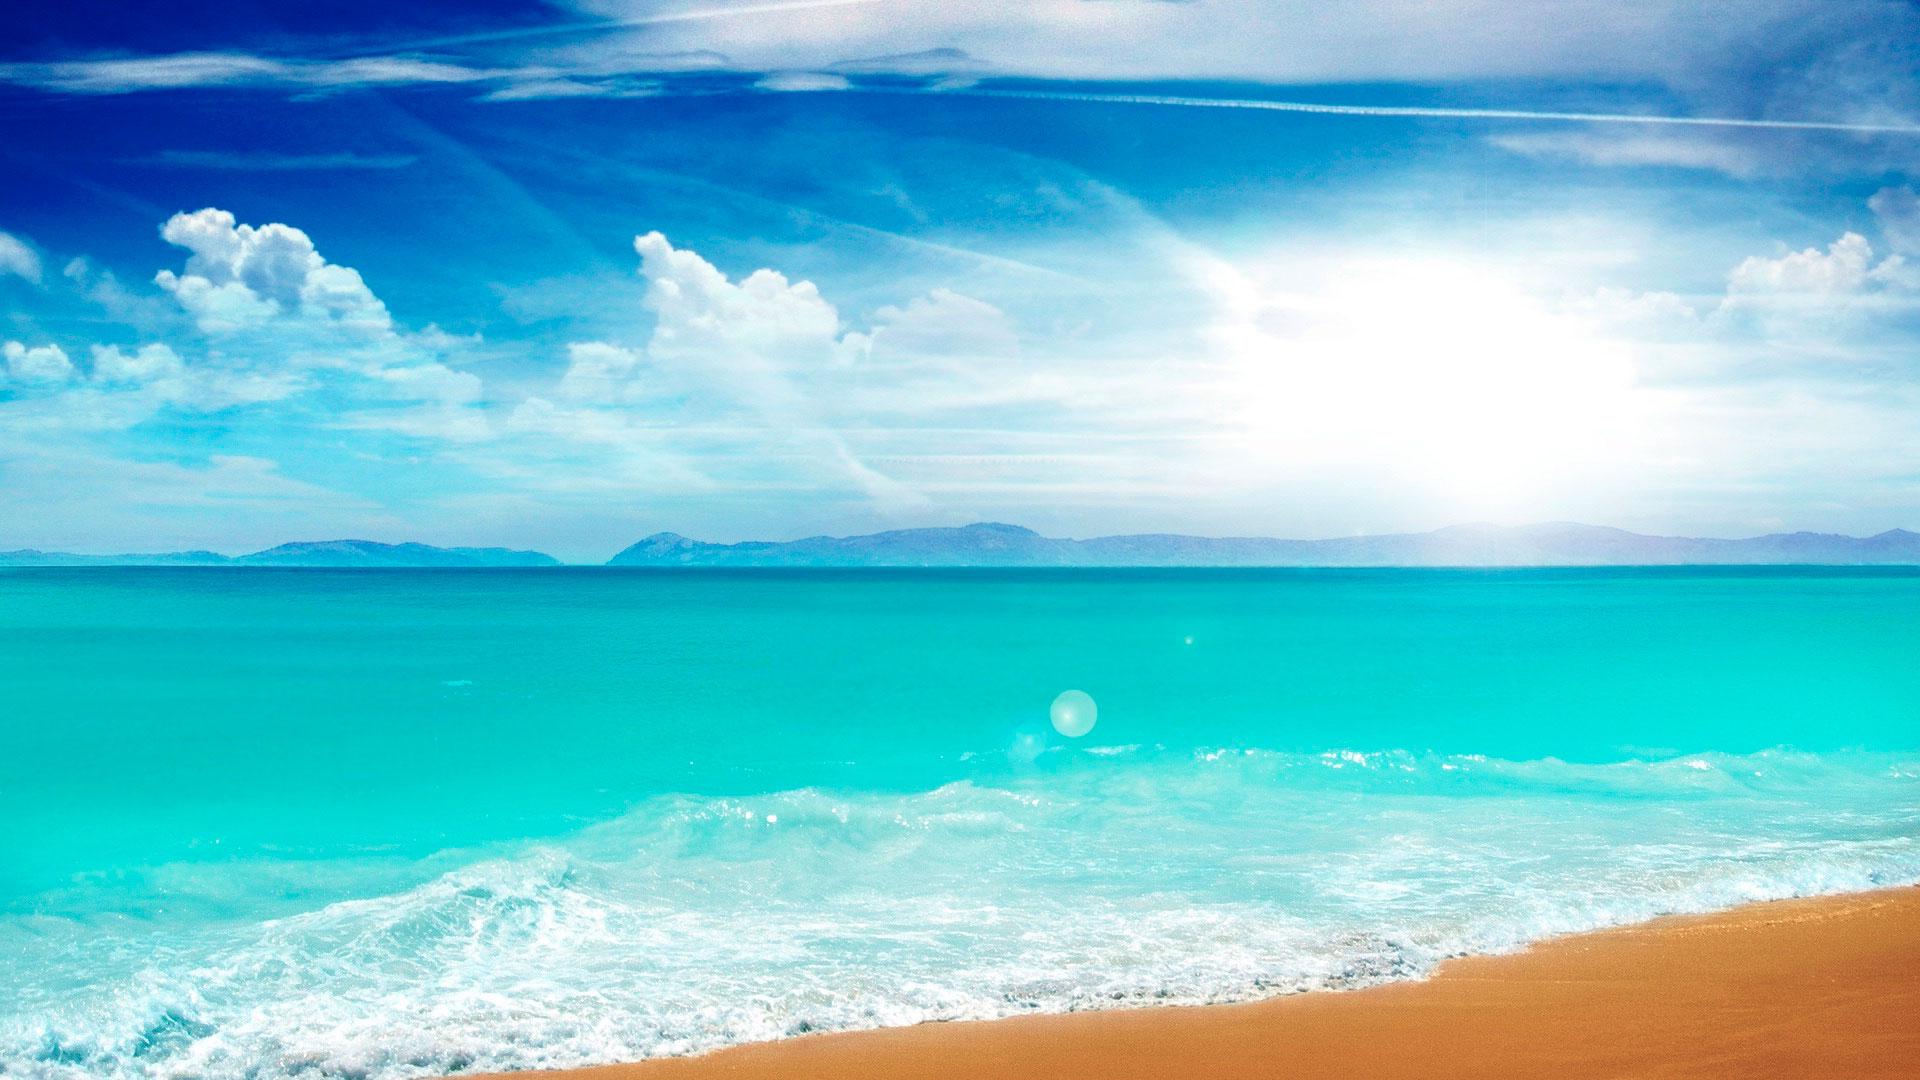 обои для рабочего стола берег пляжи № 598814  скачать